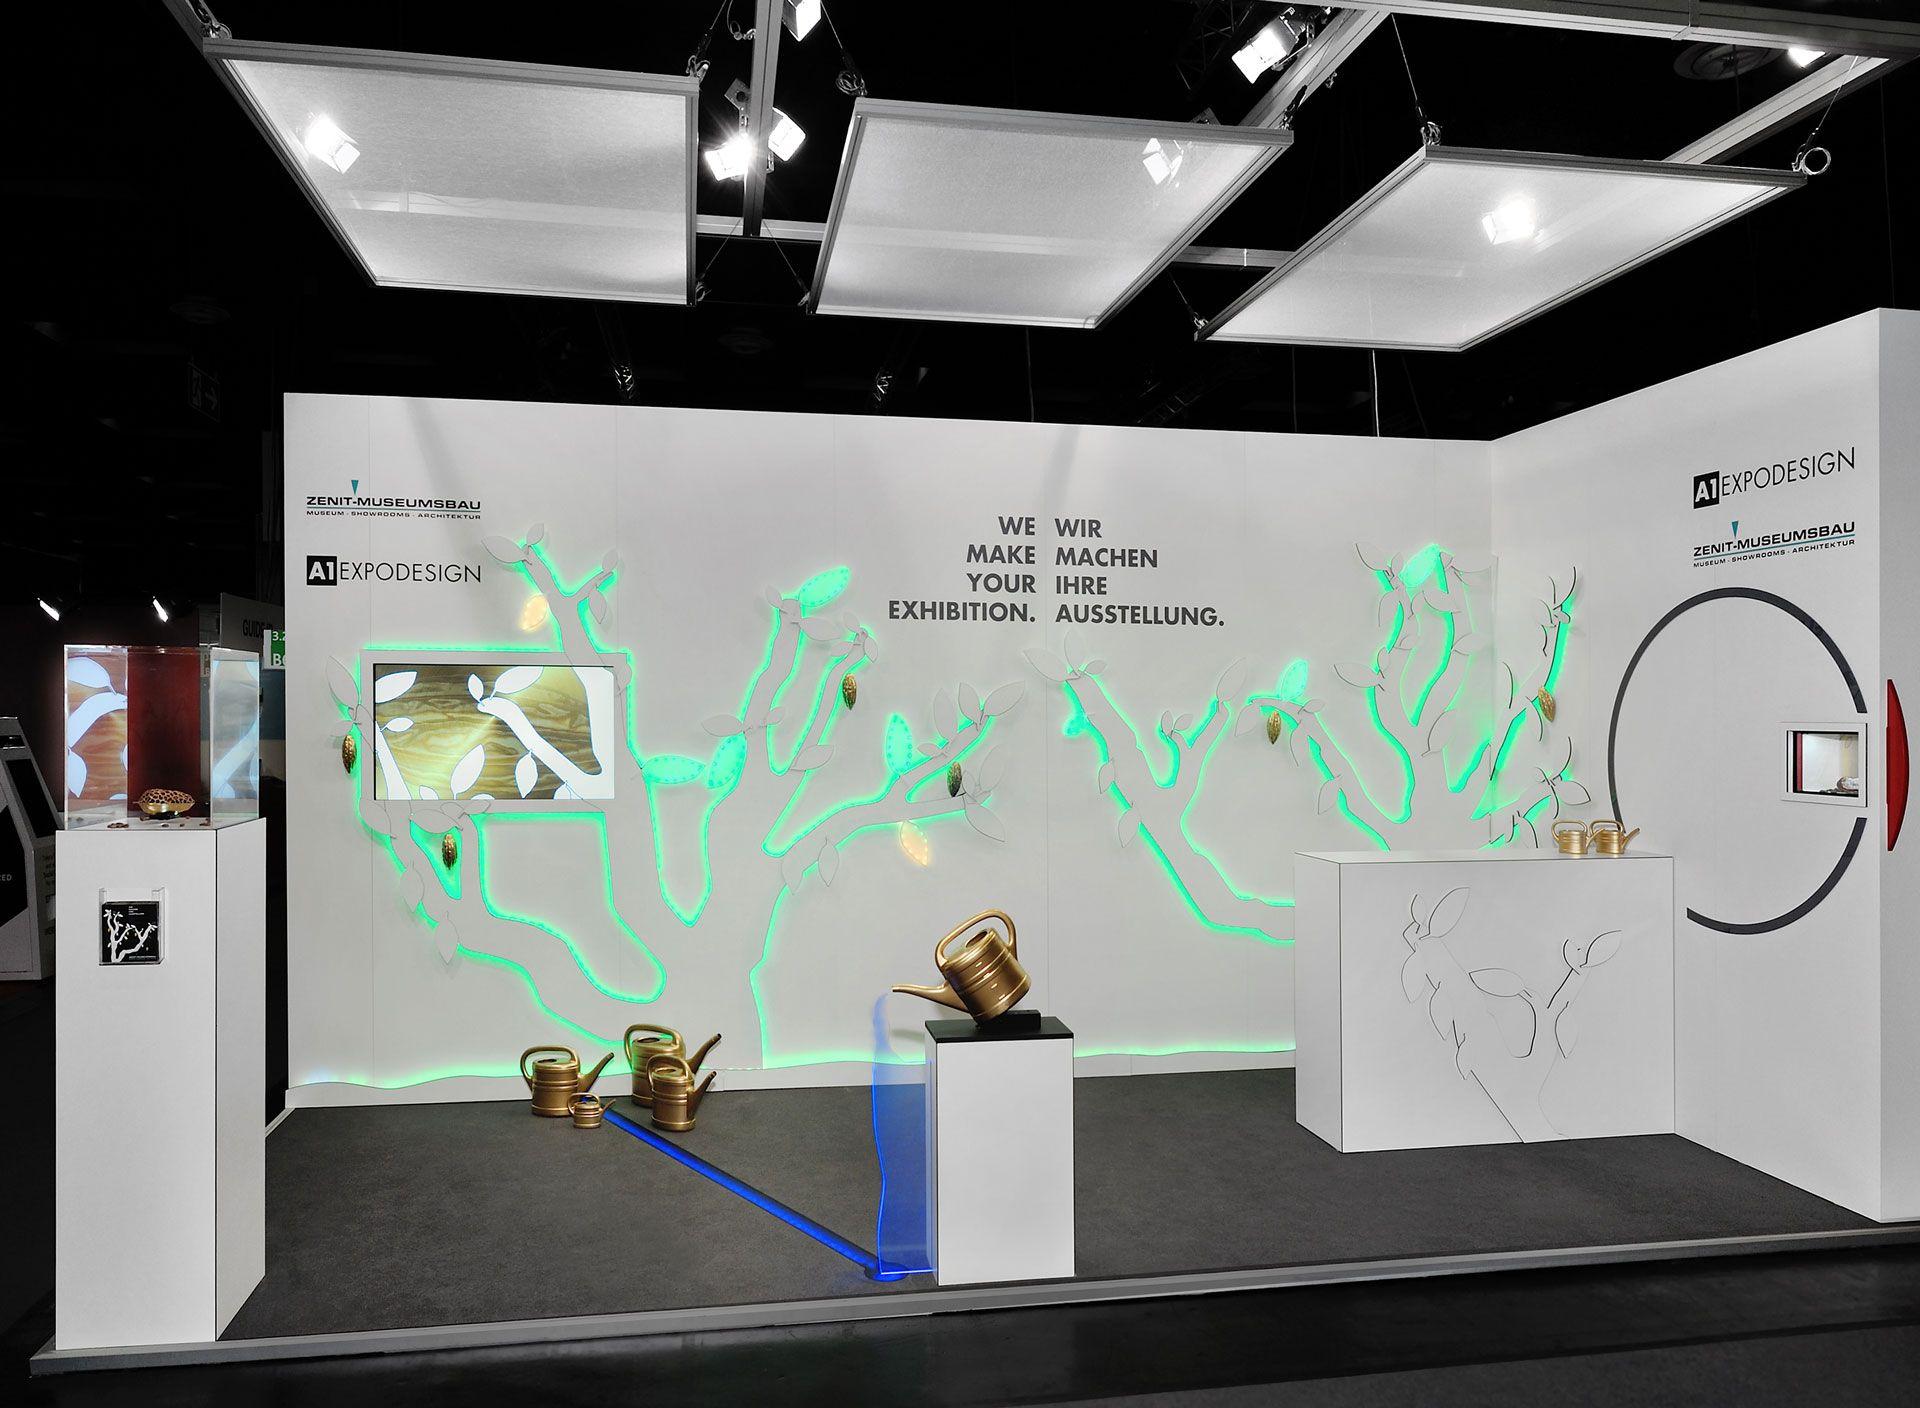 messestand auf der exponatec 2015 in k ln messe design und realisationen by zenit messebau. Black Bedroom Furniture Sets. Home Design Ideas